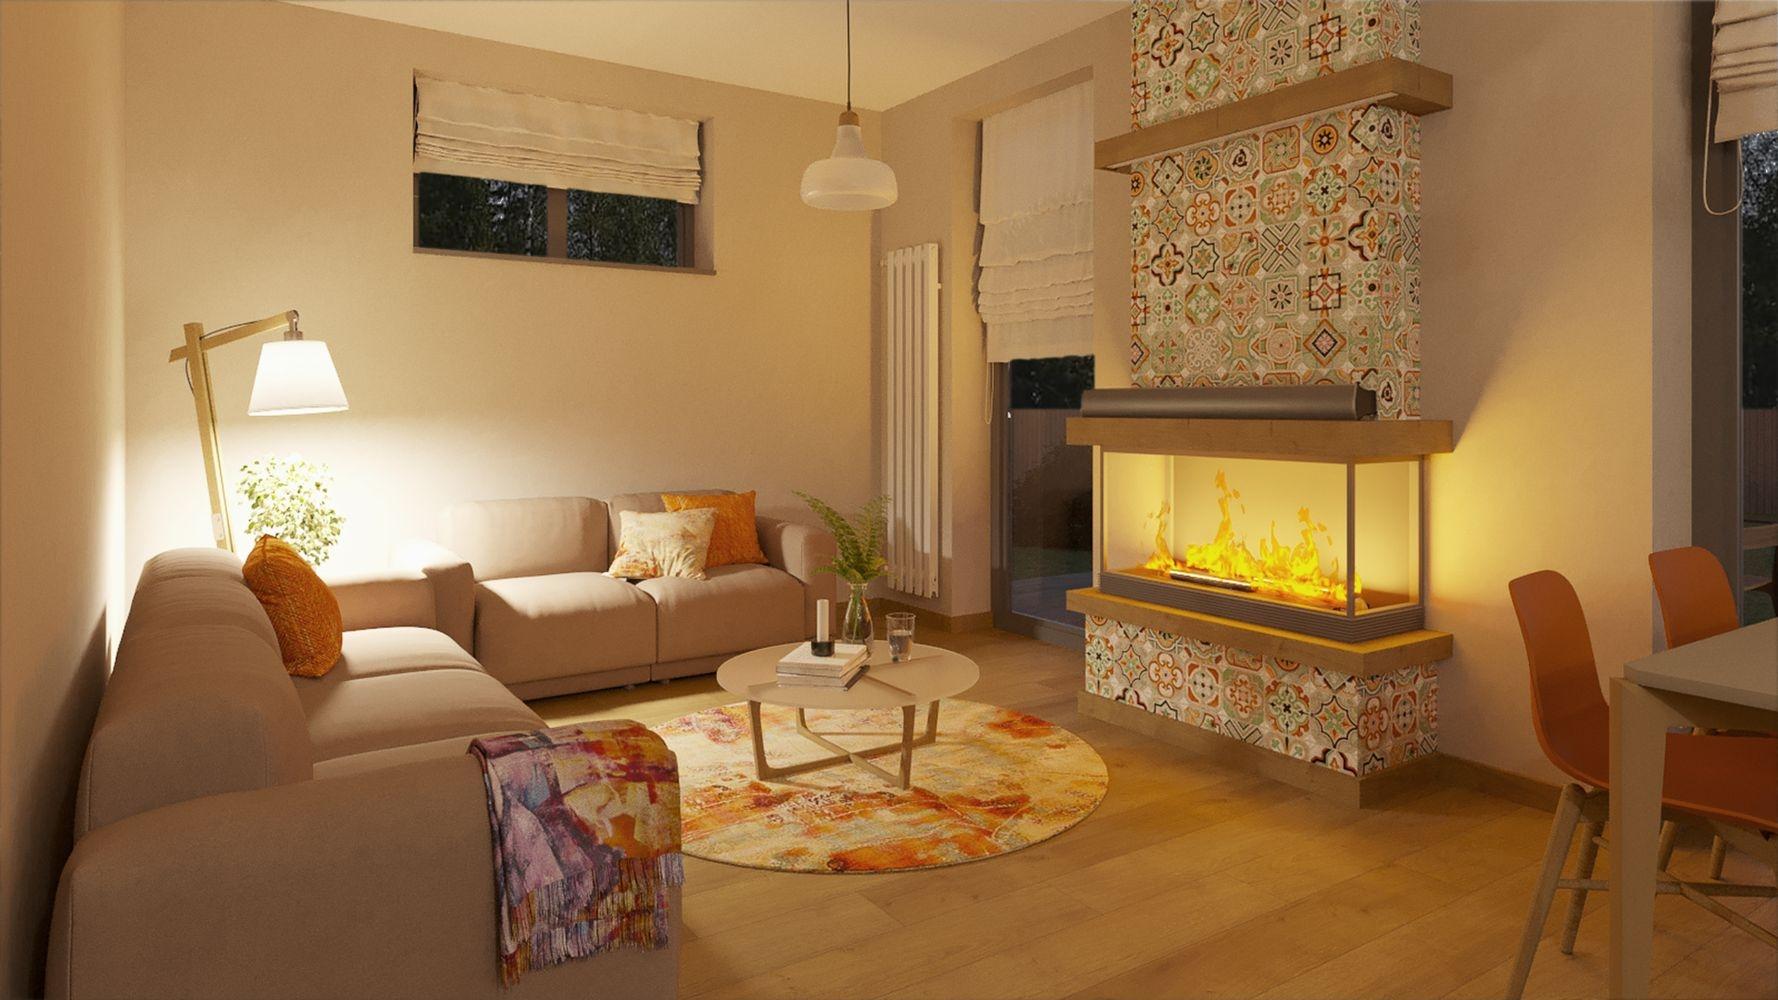 Изображение для проекта Дачный дом на берегу Волги 2020